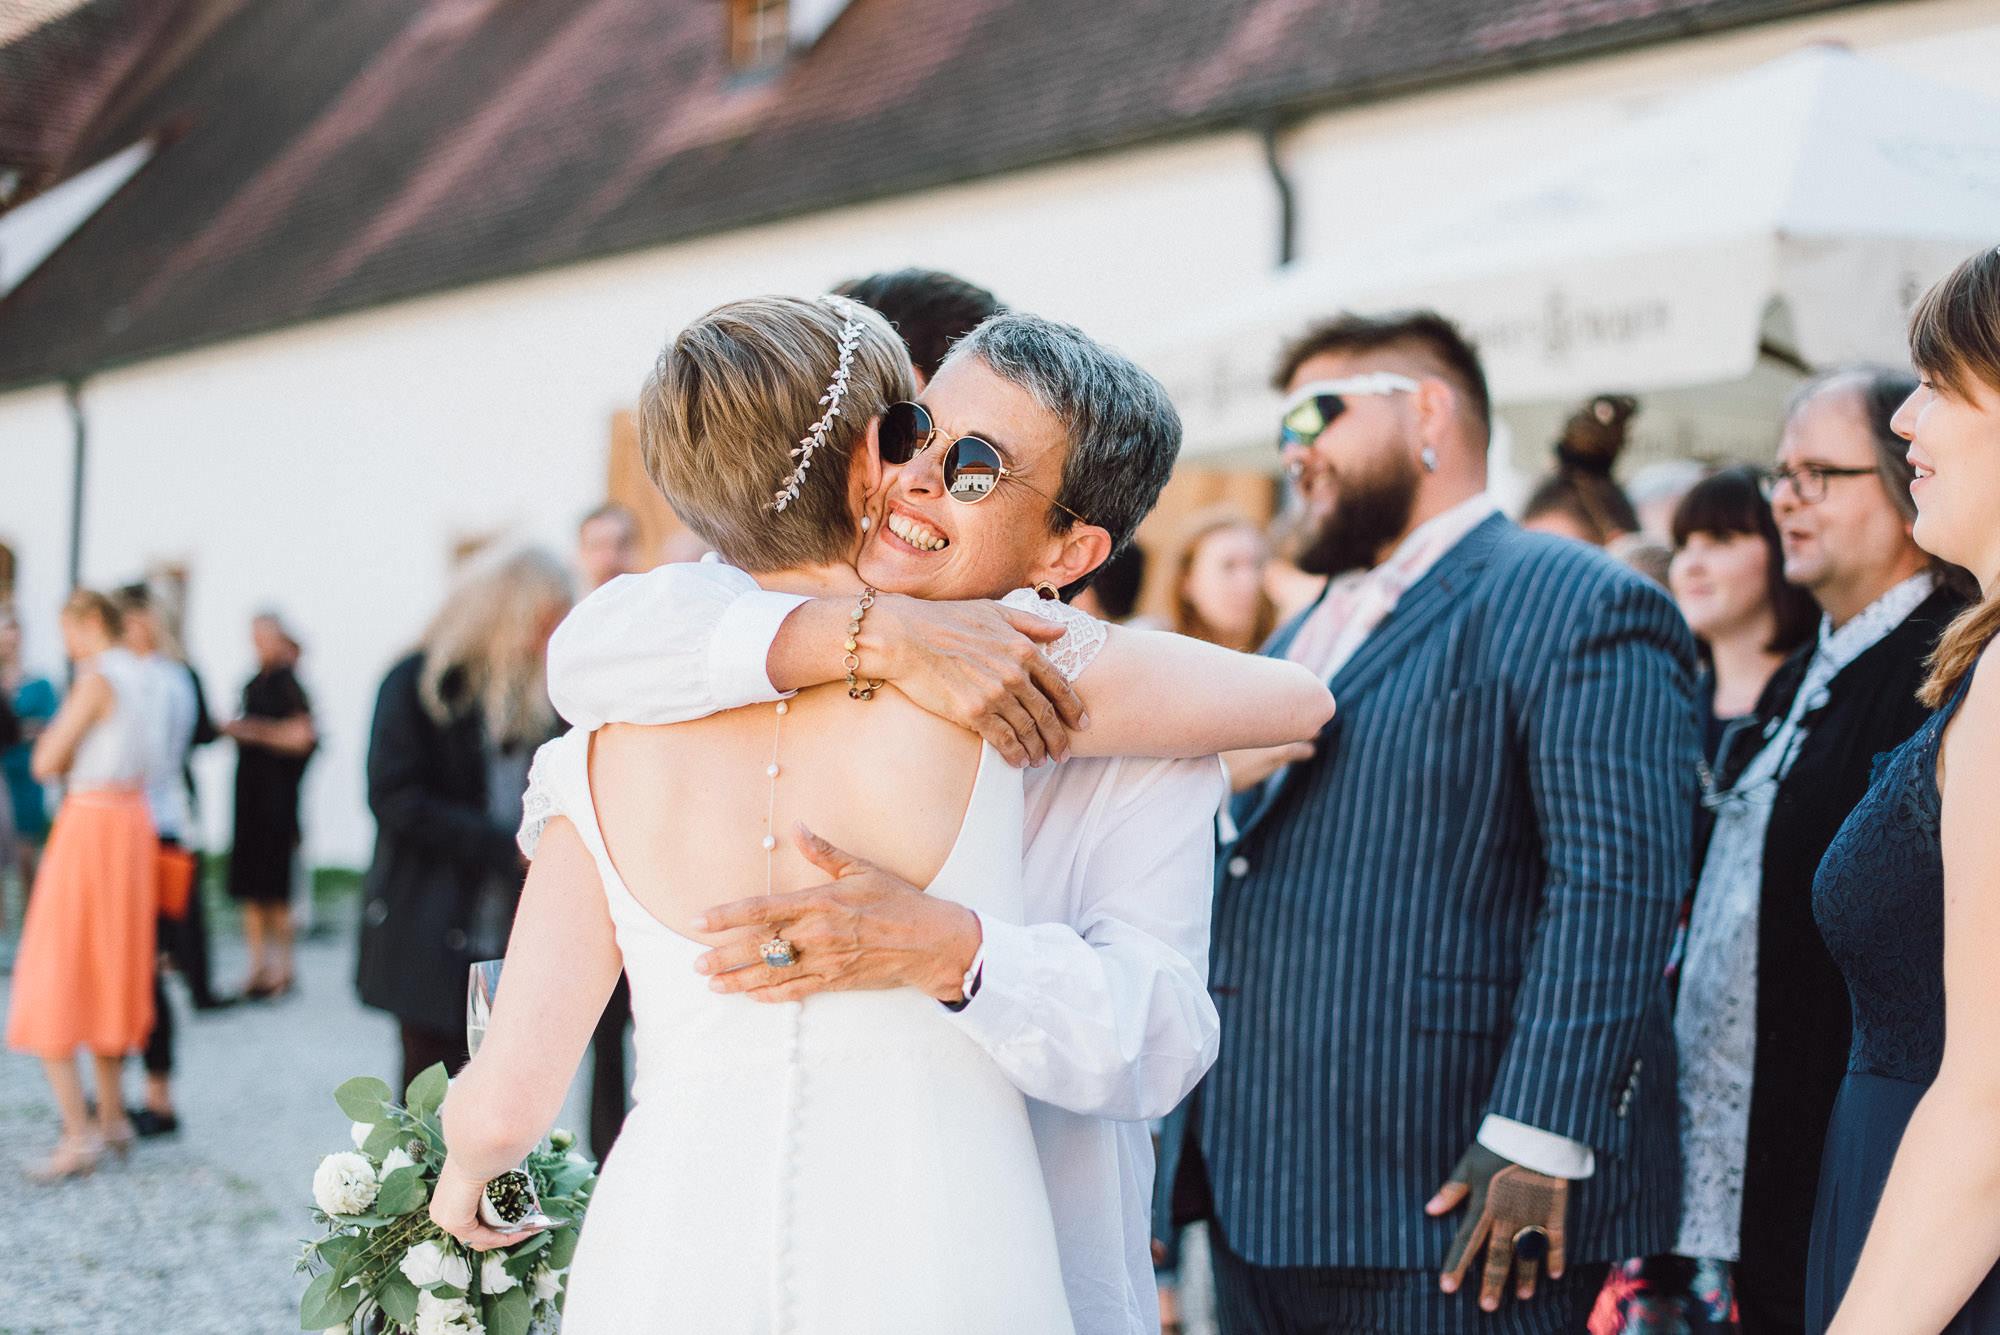 greenery-wedding-hochzeit-prielhof-sukkulenten-scheyern-lauraelenaphotography-065